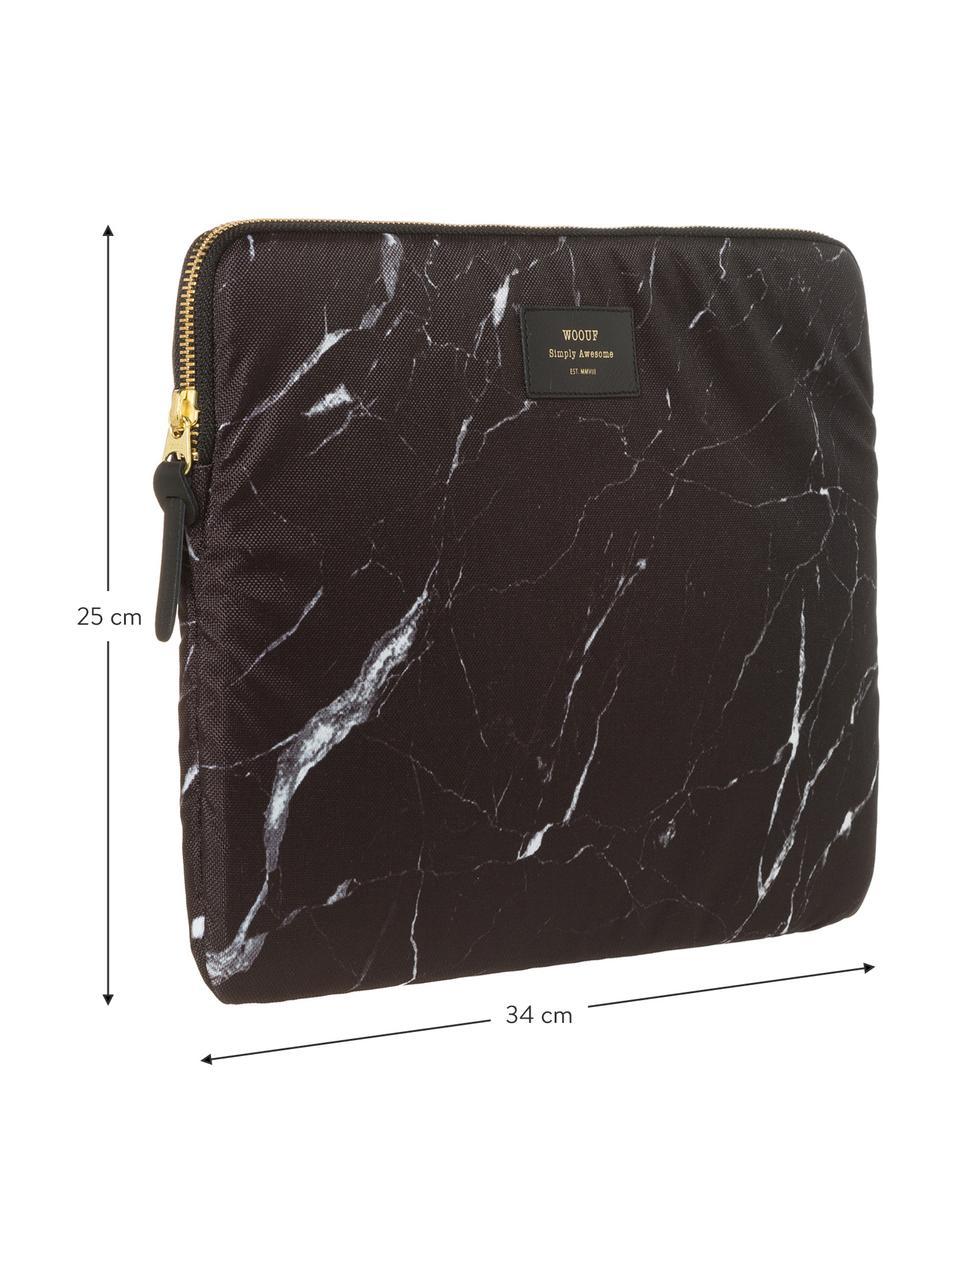 Laptophülle Black Marble für MacBook Pro 13 Zoll, Laptoptasche: Schwarz, marmoriert Aufdruck: Schwarz mit goldfarbener Schrift, 34 x 25 cm